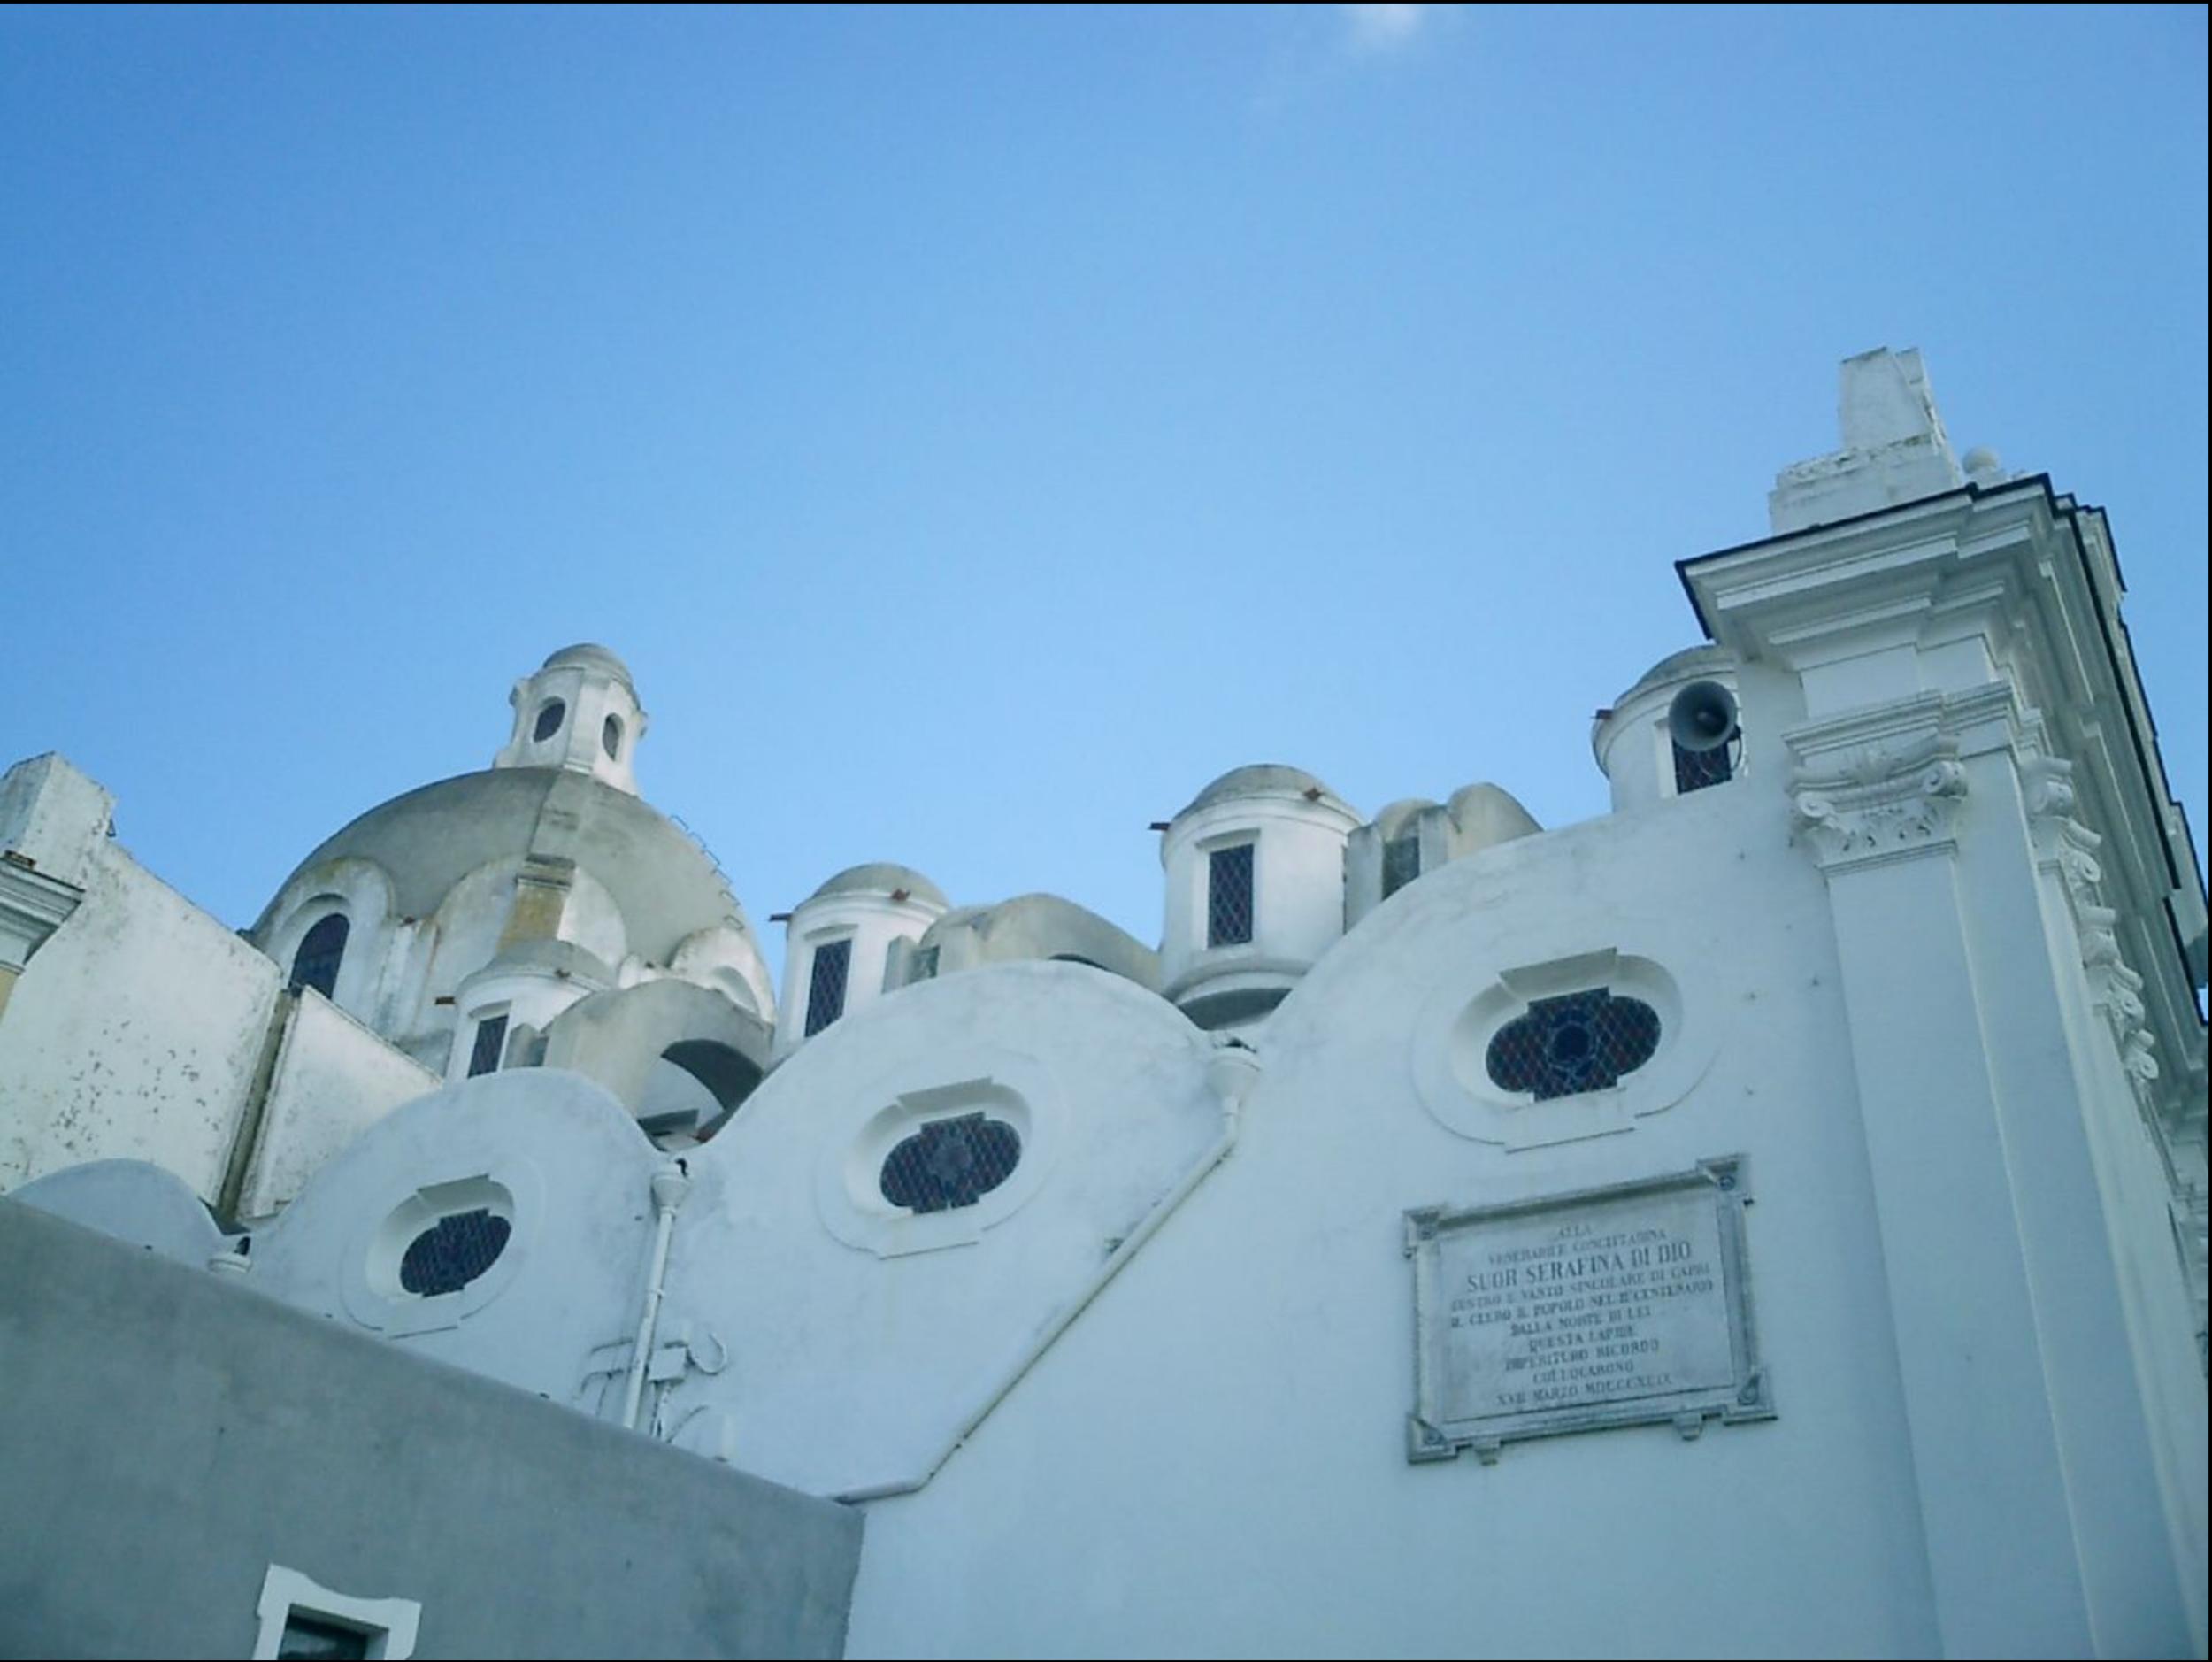 St. Stefan (Wikicommons)